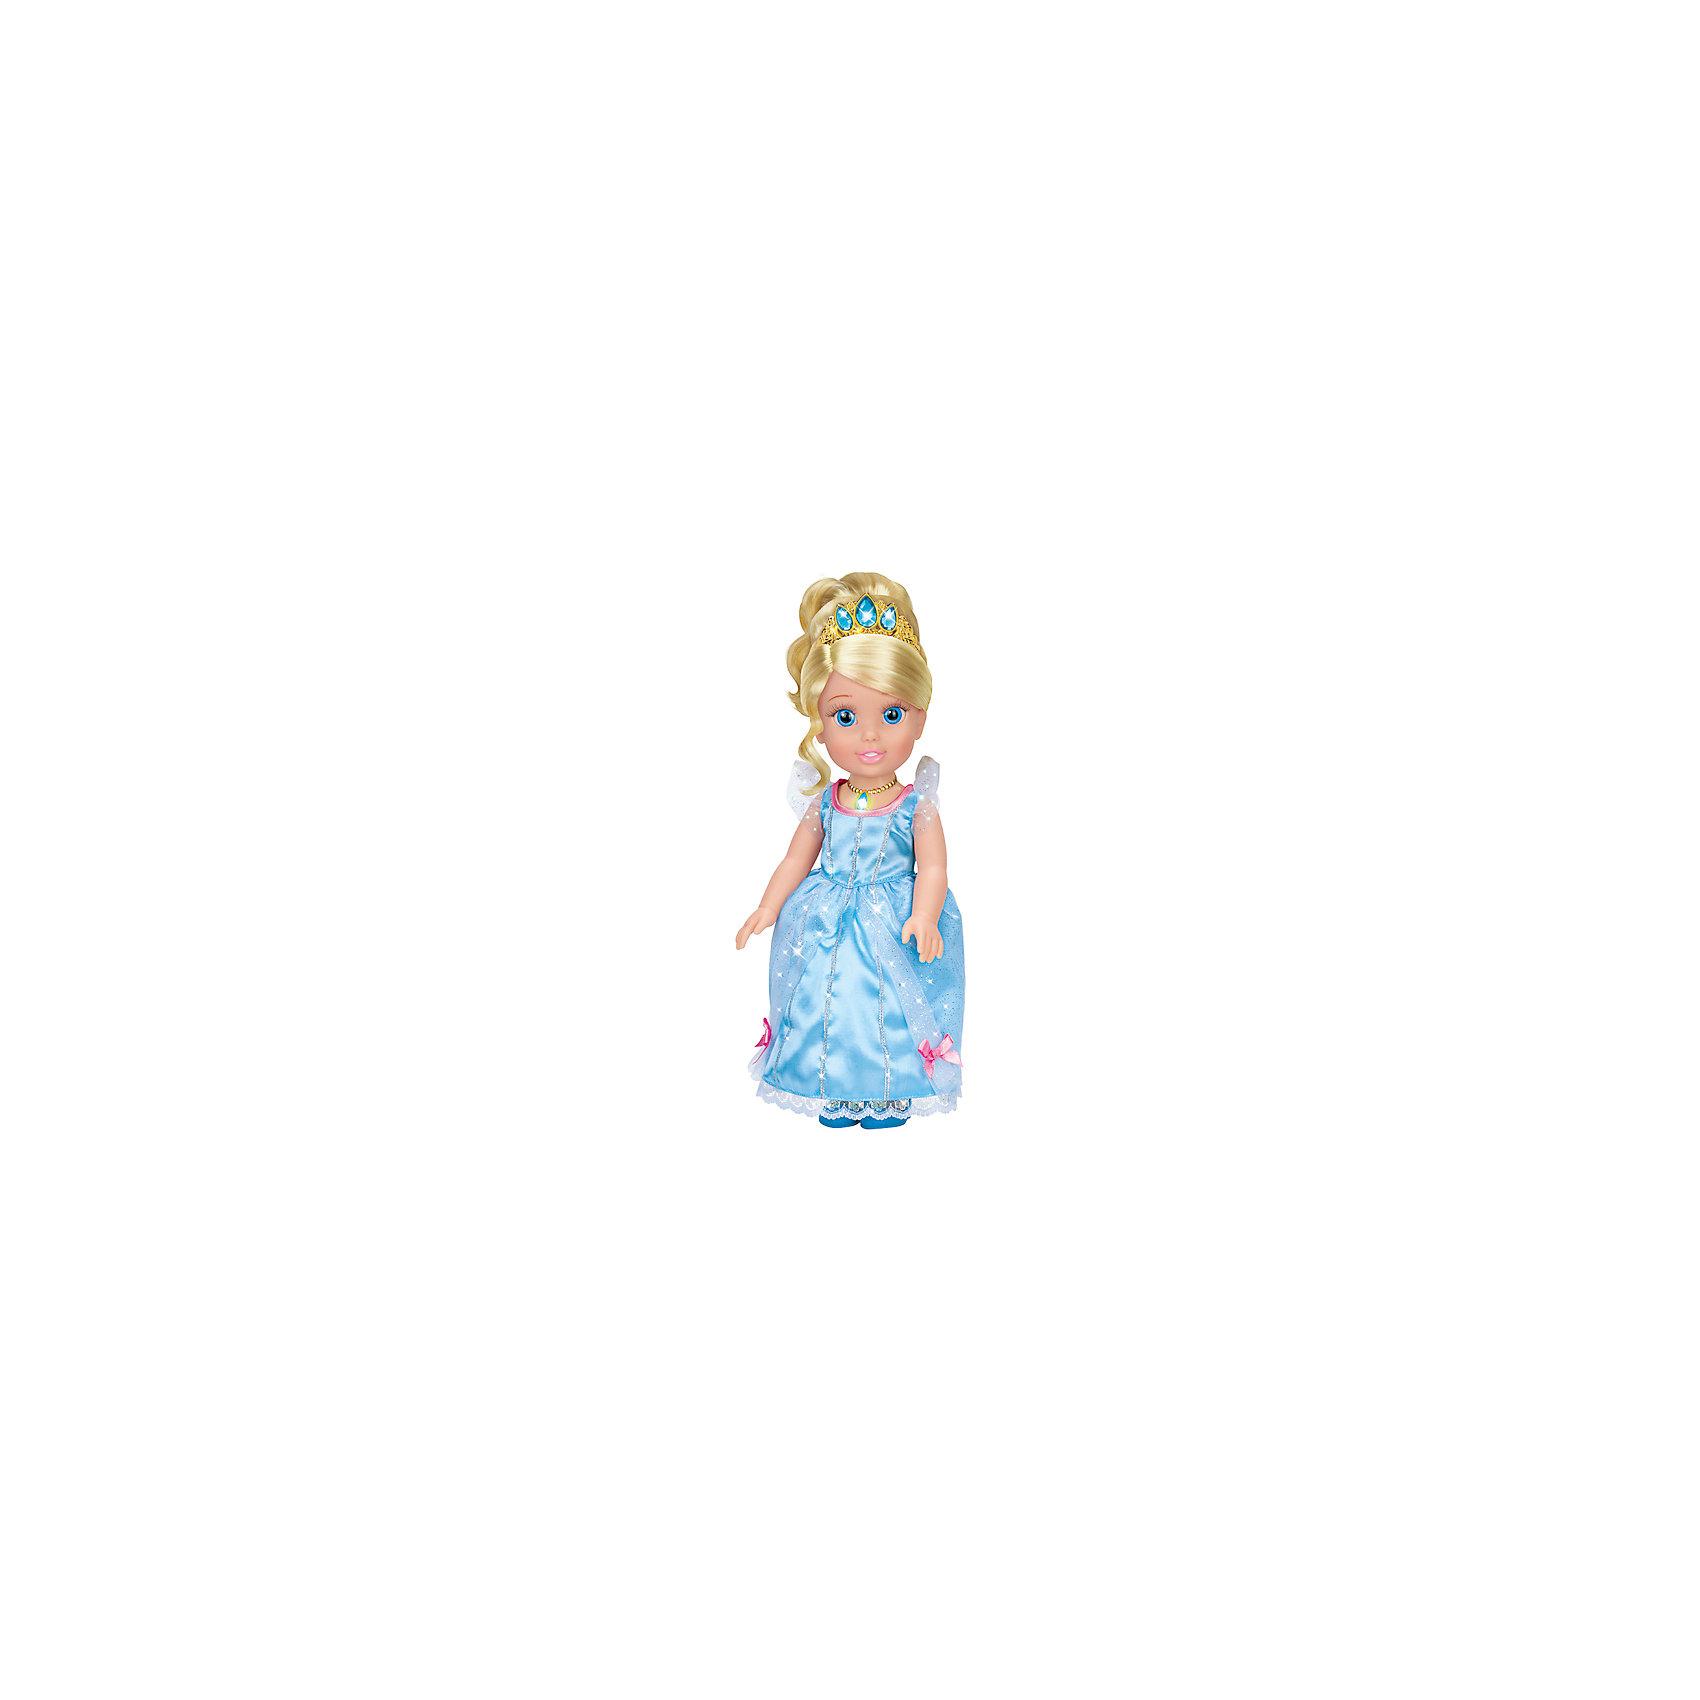 Карапуз Кукла Золушка со светящимся амулетом, 37 см, со звуком, Принцессы Дисней, Карапуз hasbro кукла рапунцель принцессы дисней